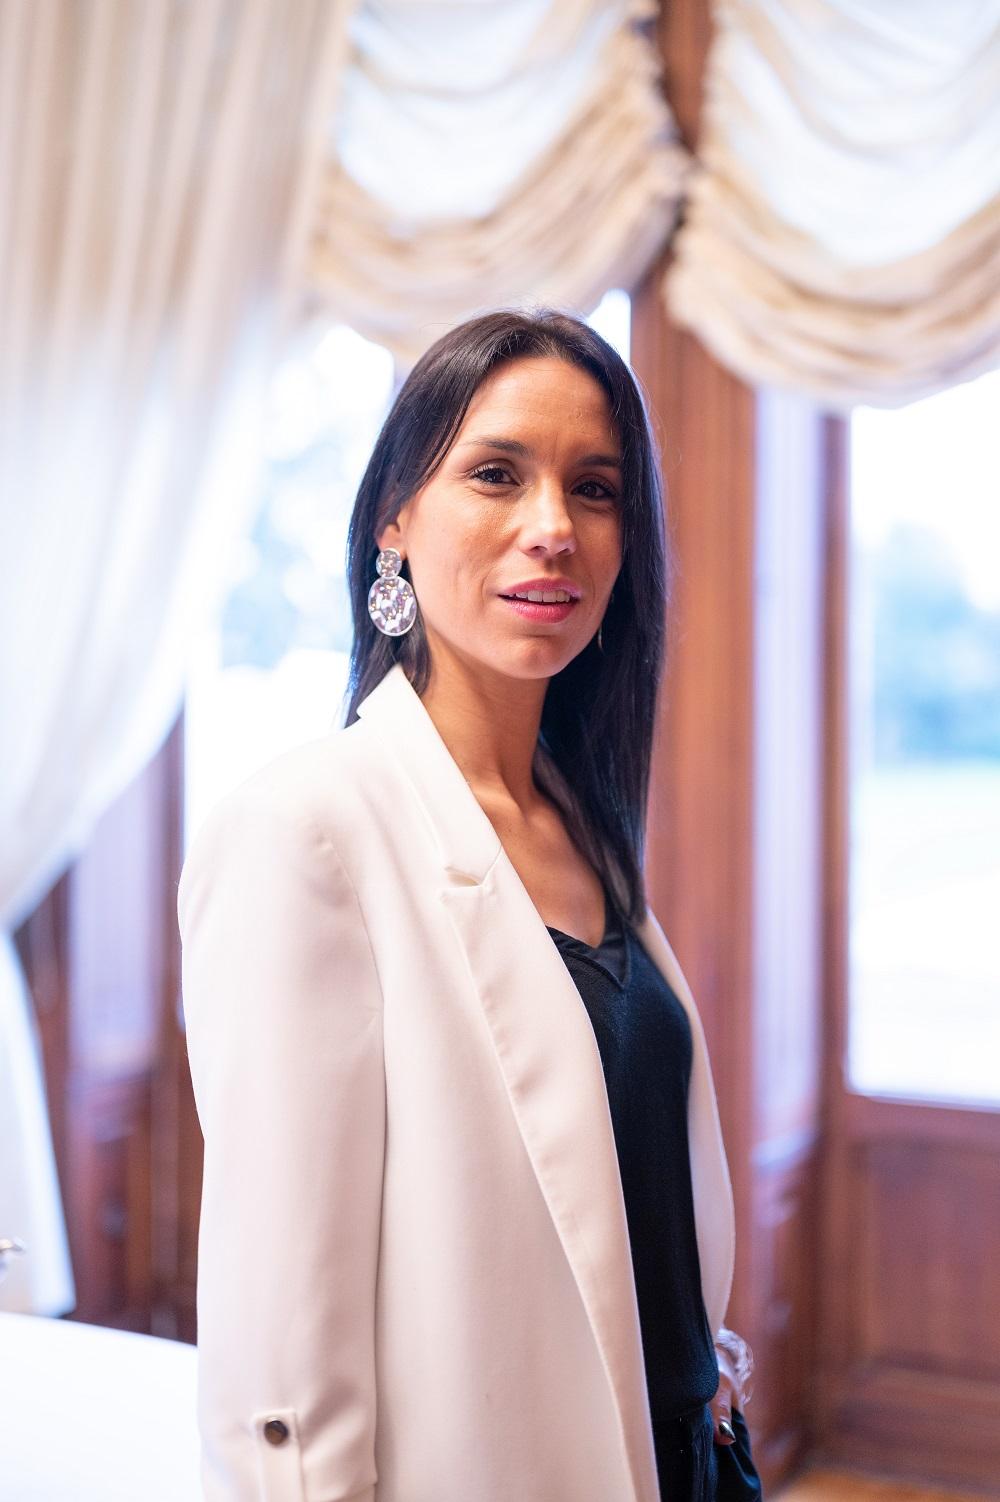 Portrait de Mélissa Wilpotte, destination wedding planner / Interview Wedding by Fabiola / Photo Maine Monteils